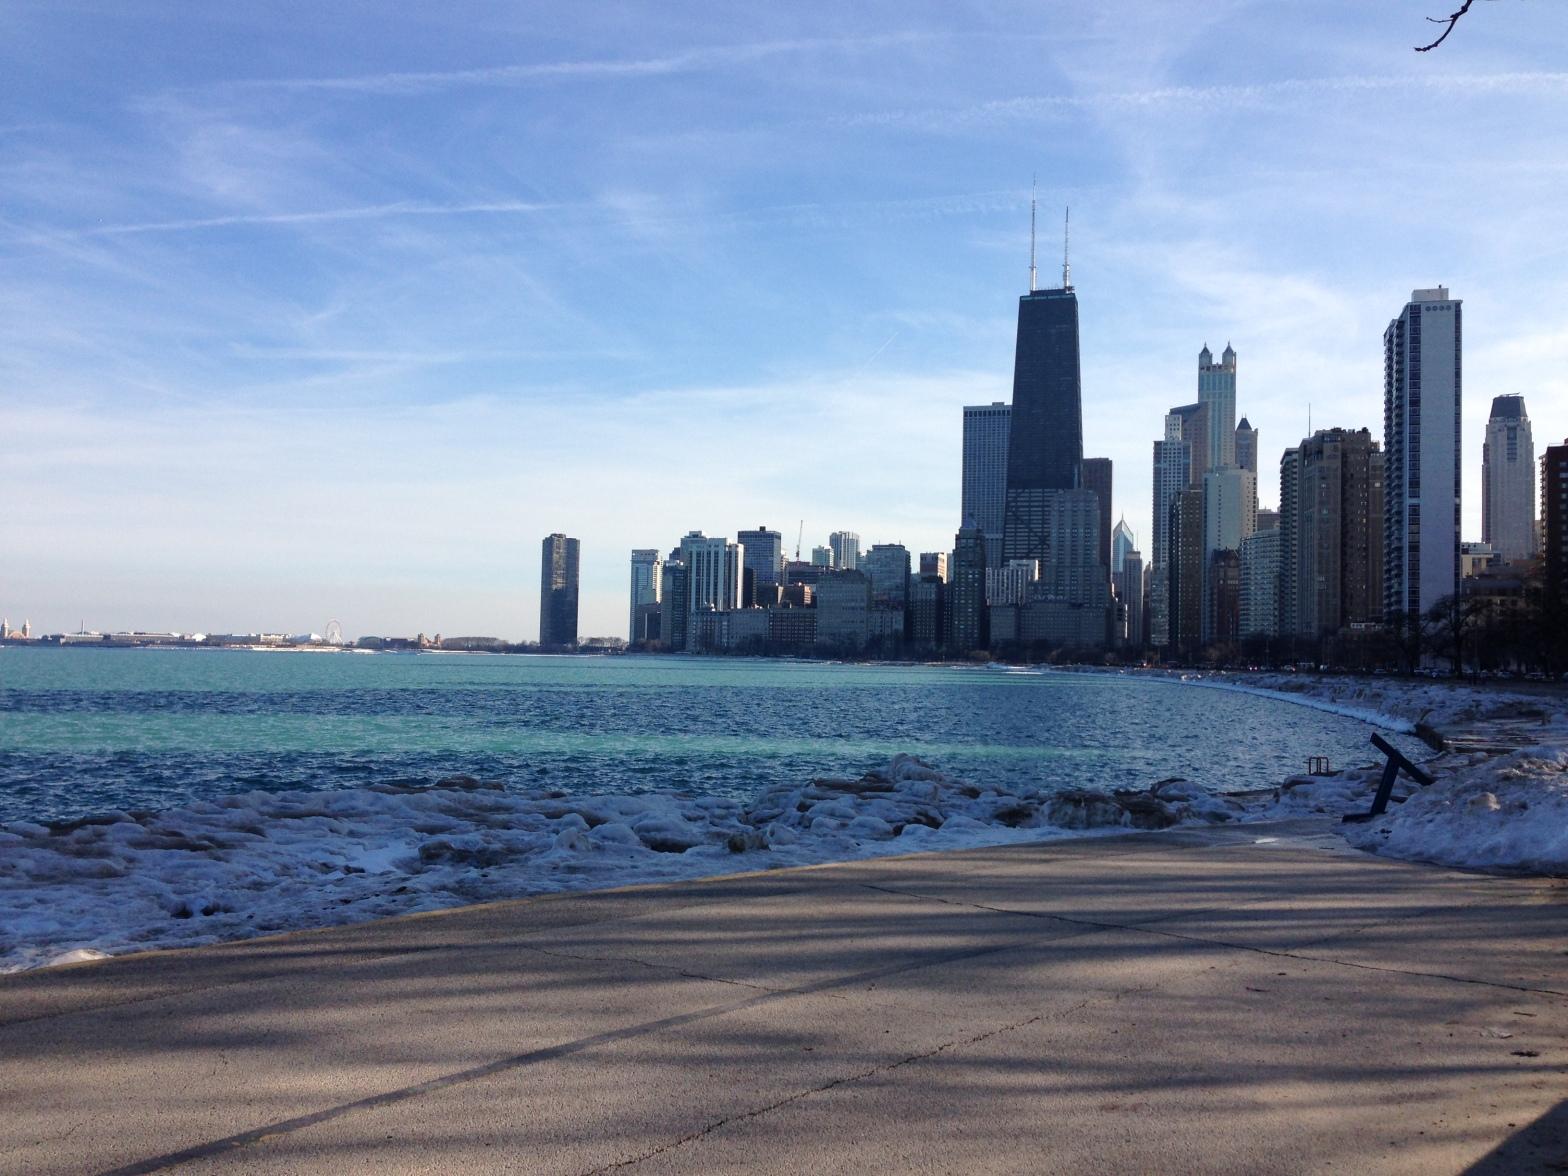 Chicago in winter - taken March 2015